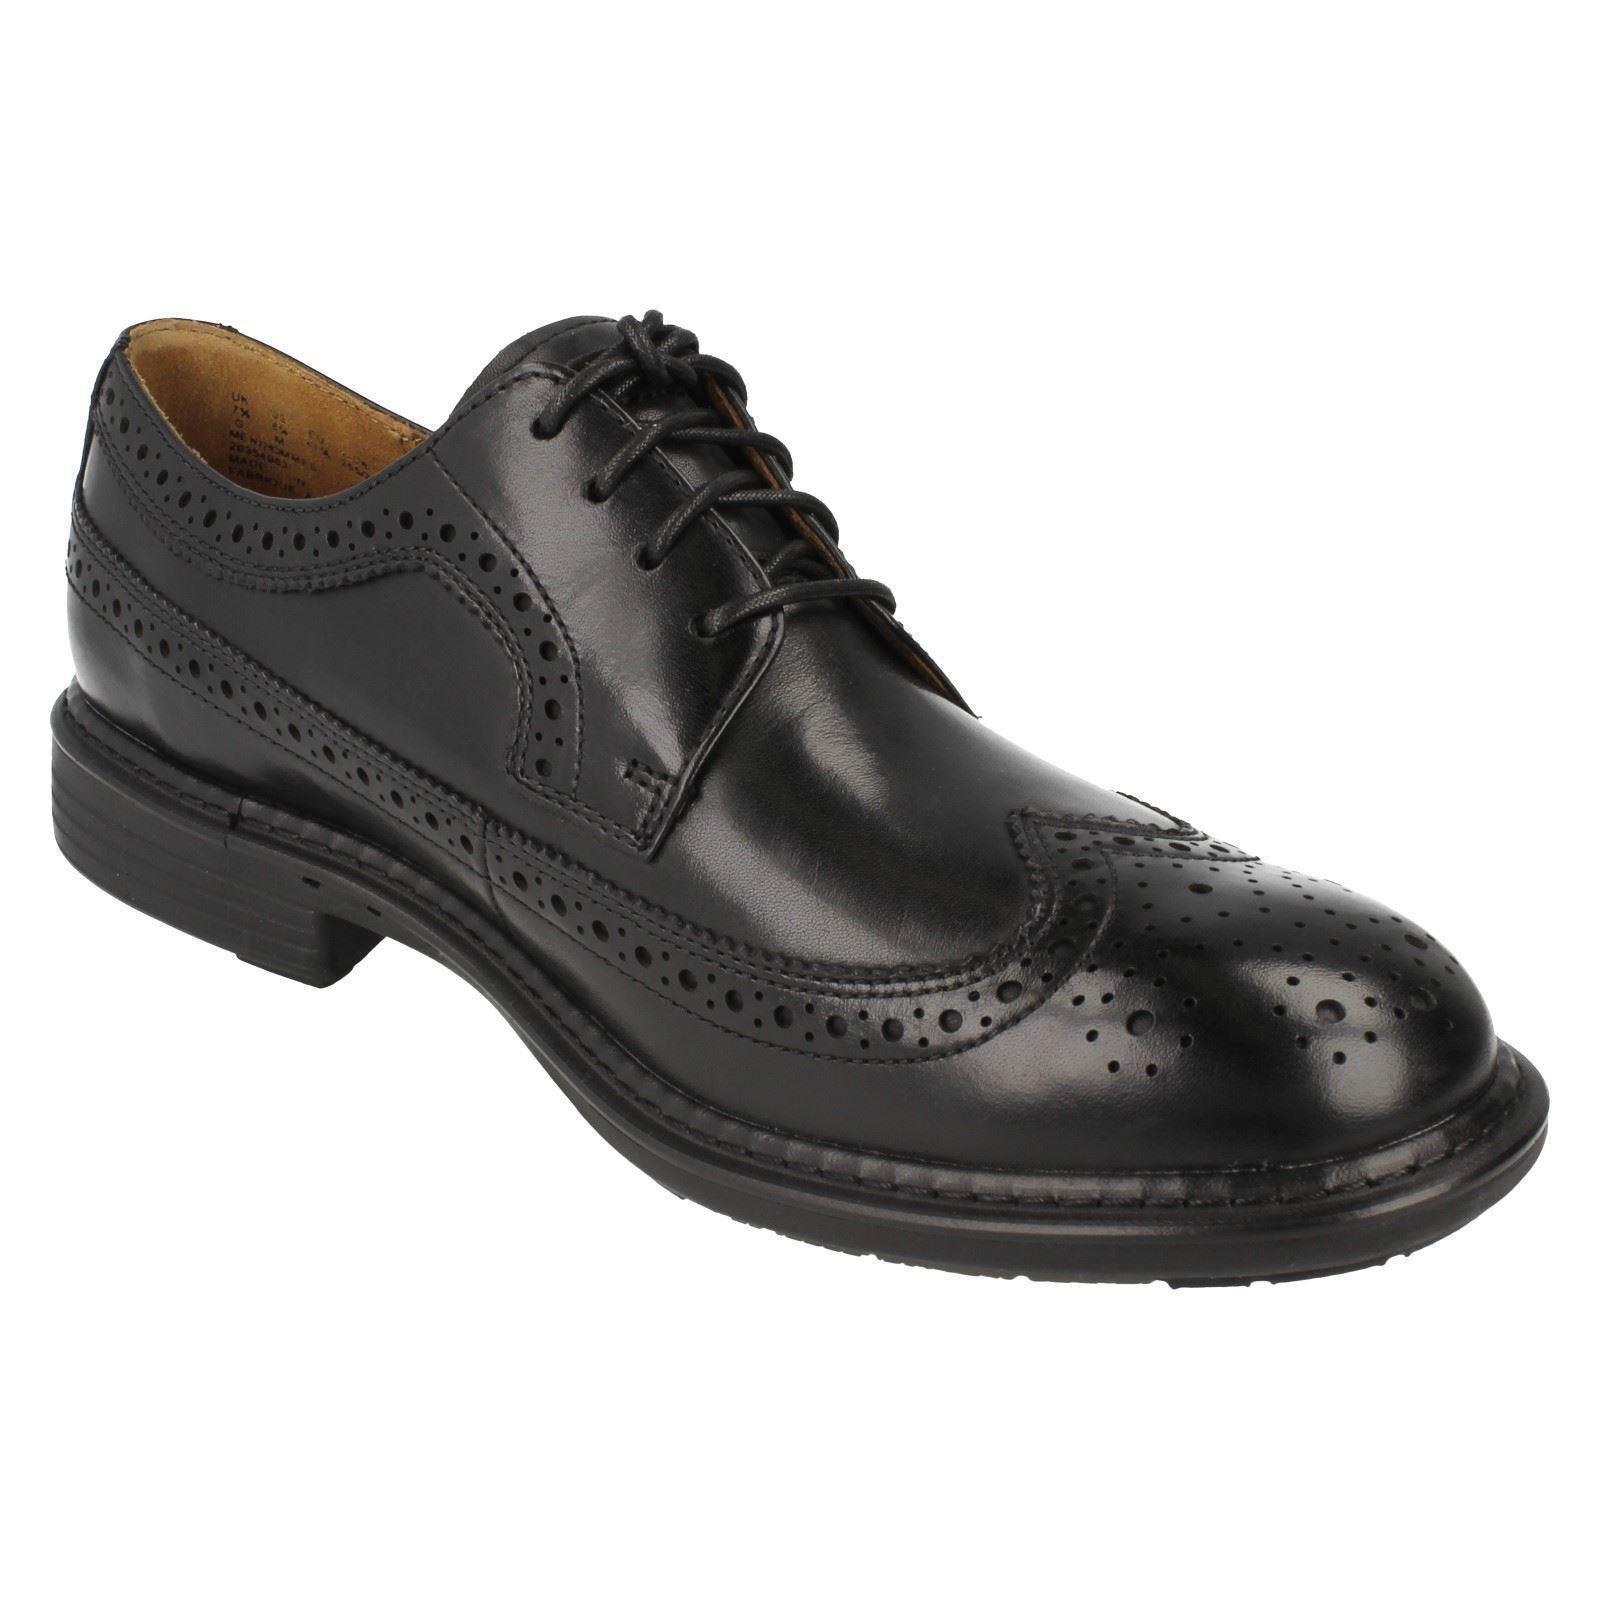 Men's Black Formal Shoes Clarks LabelUn Limit xordCeB